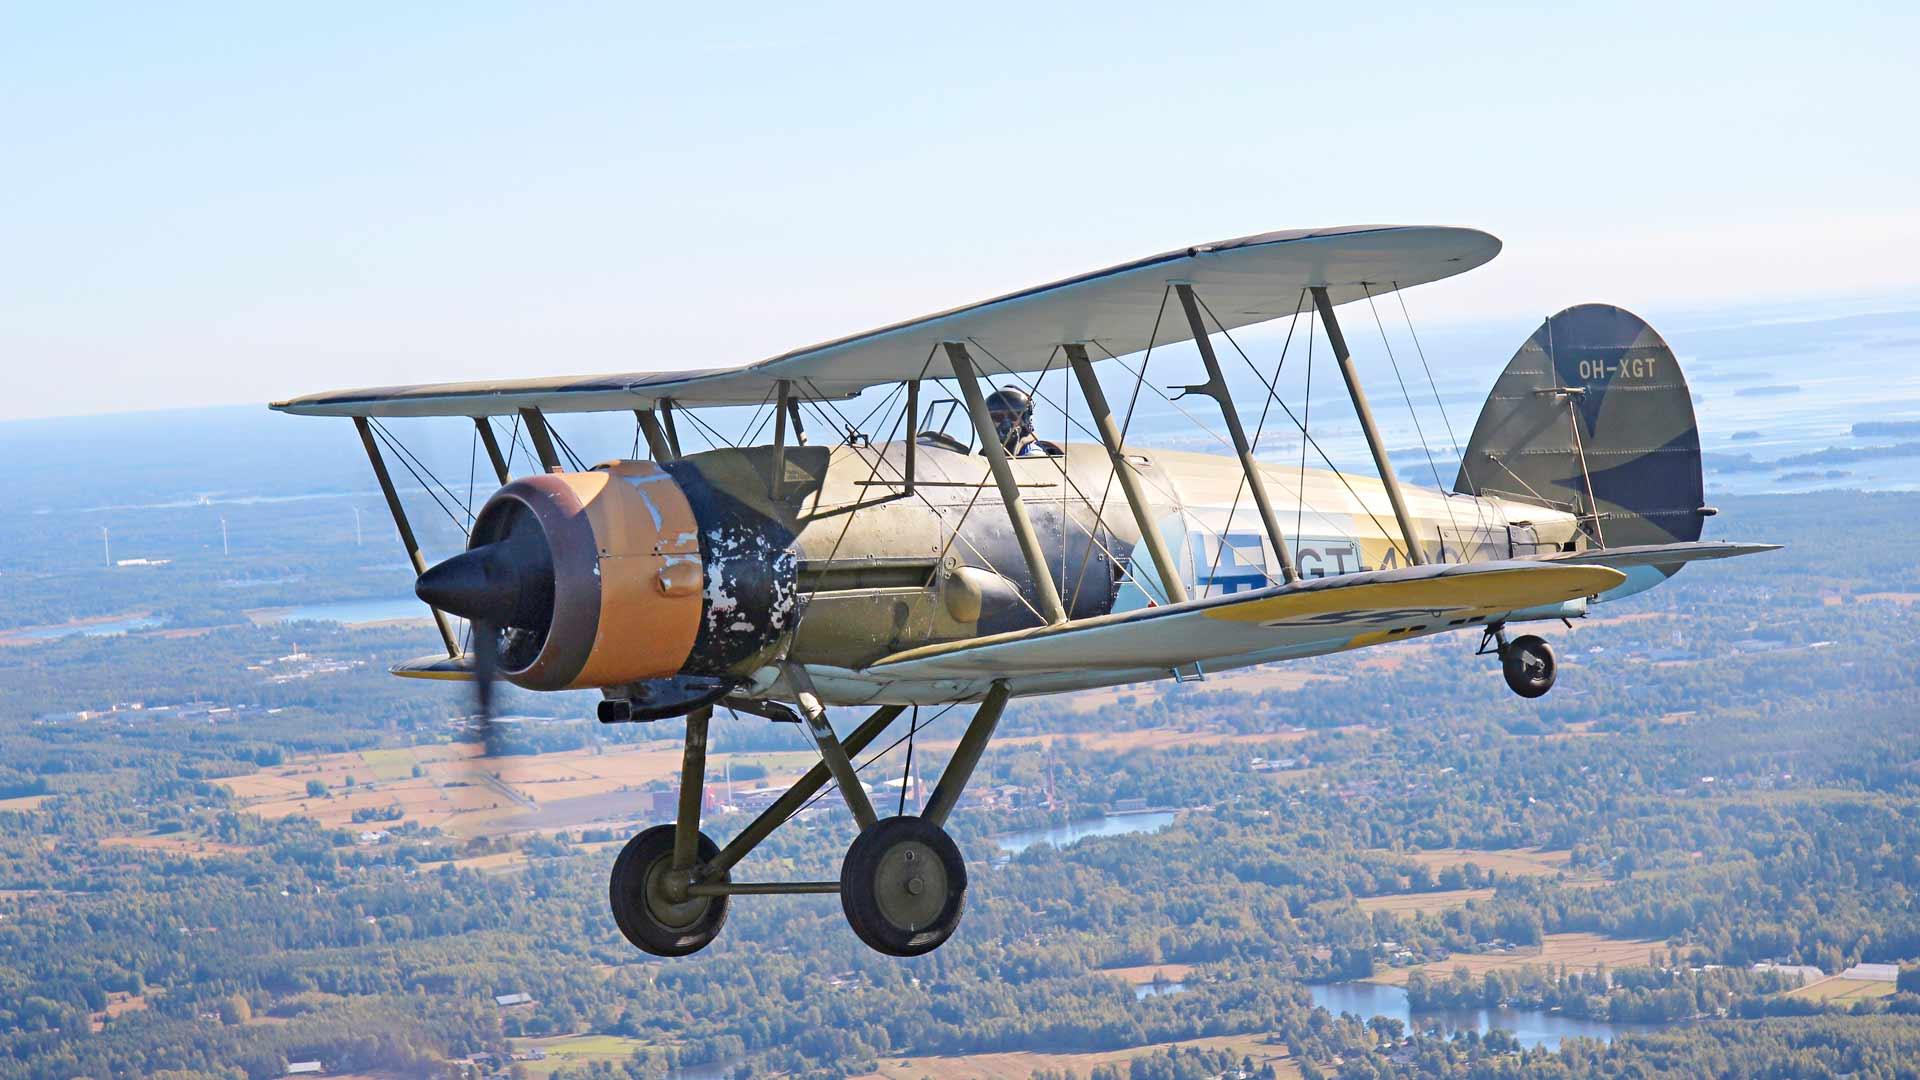 Jyrki Laukkanen lentää Kymin lentokentän yllä vuoden 1936 Gloster Gauntlet -hävittäjällä. Kone on tyyppinsä ainoa maailmassa.